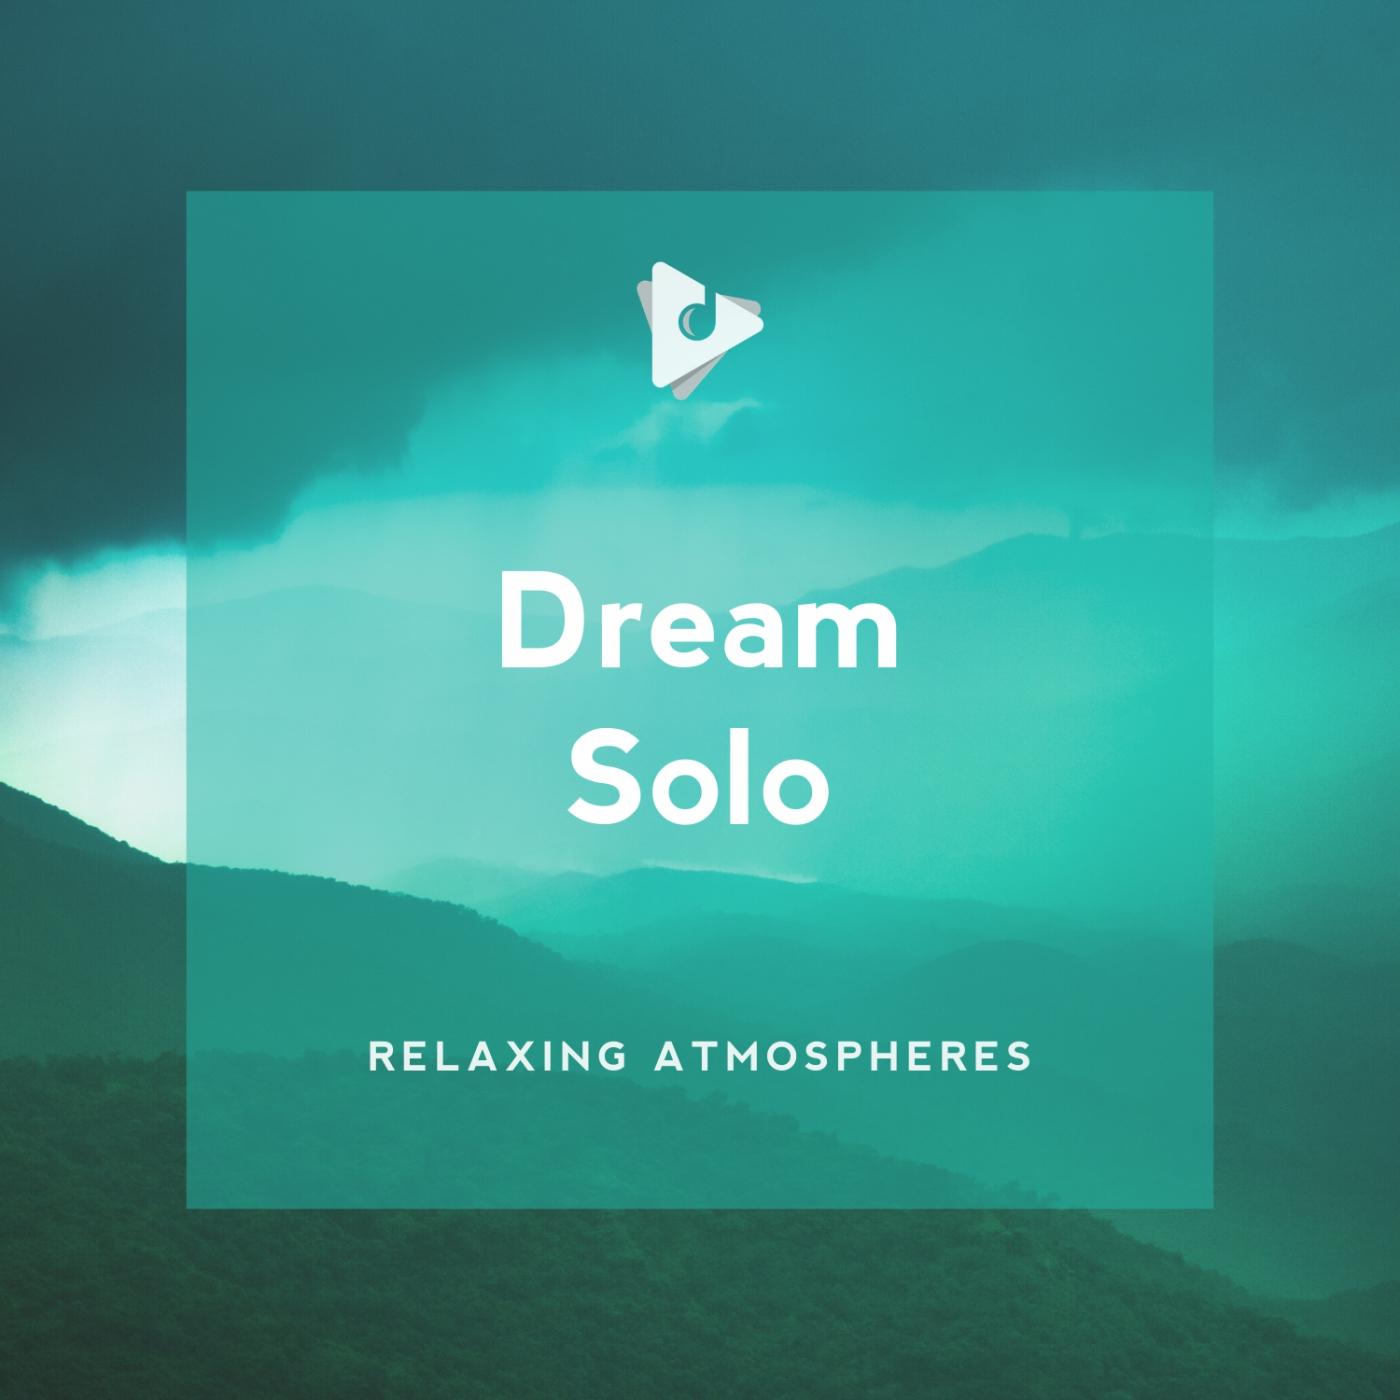 Dream Solo